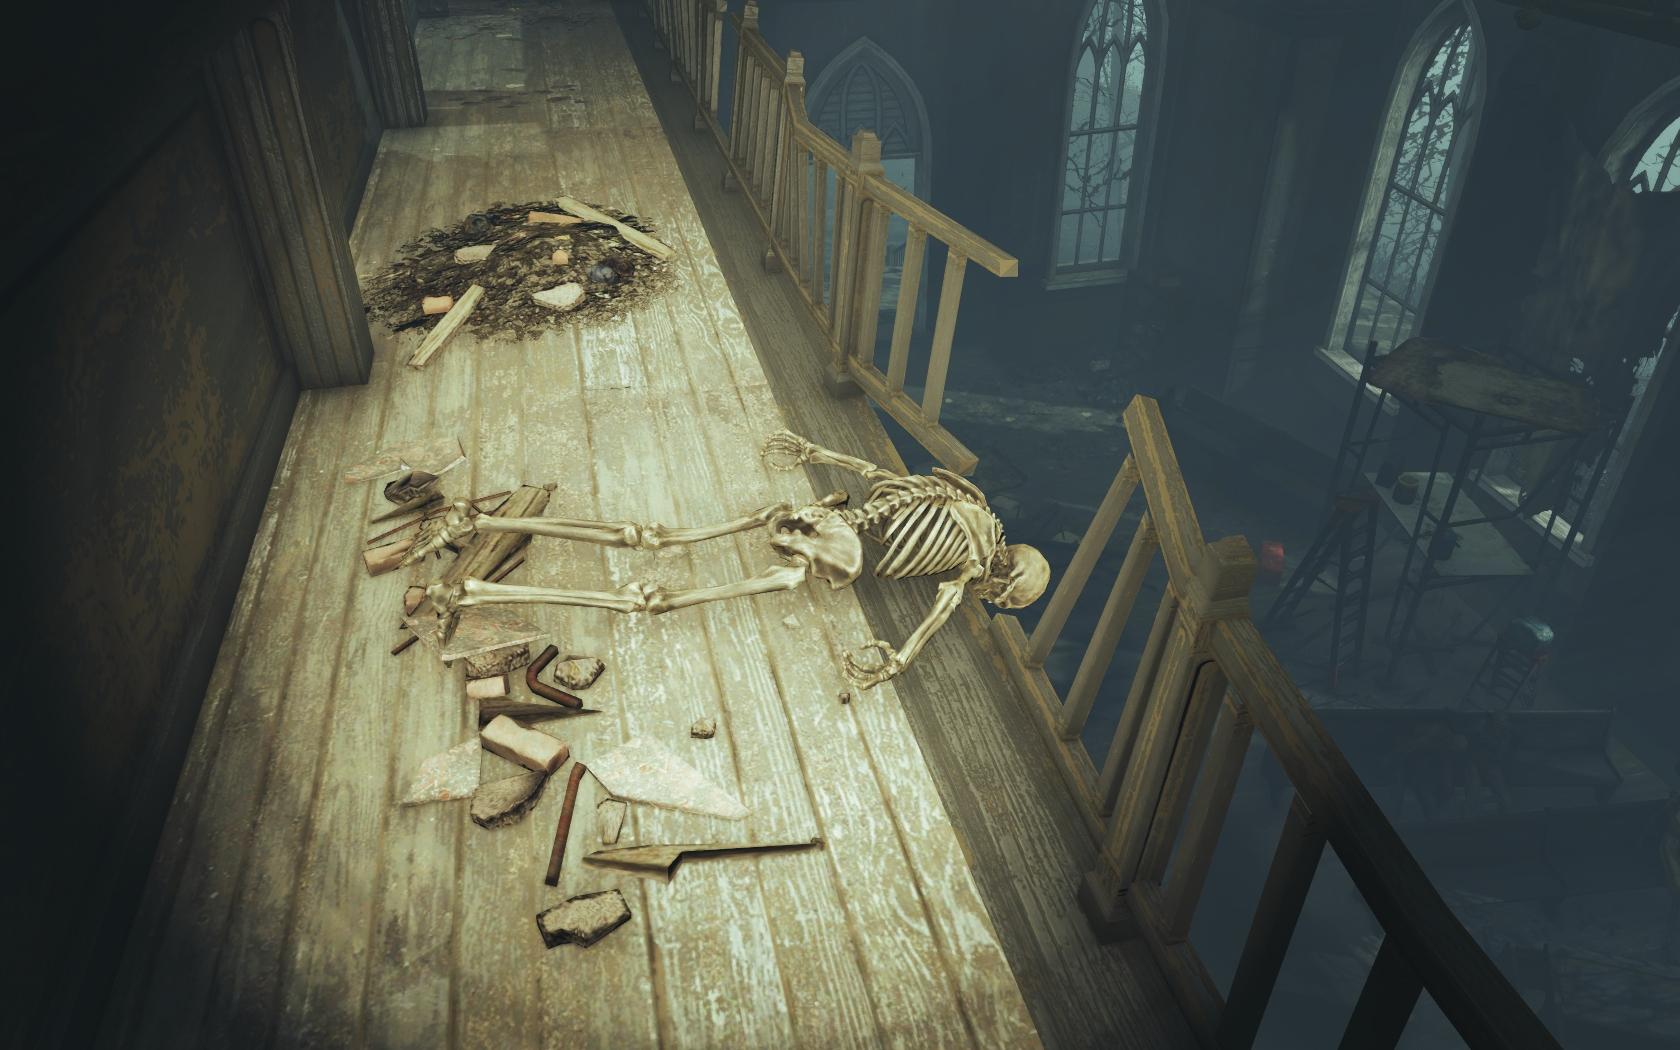 Проломил головой перила (Фар-Харбор, Разрушенная церковь) - Fallout 4 скелет, Юмор